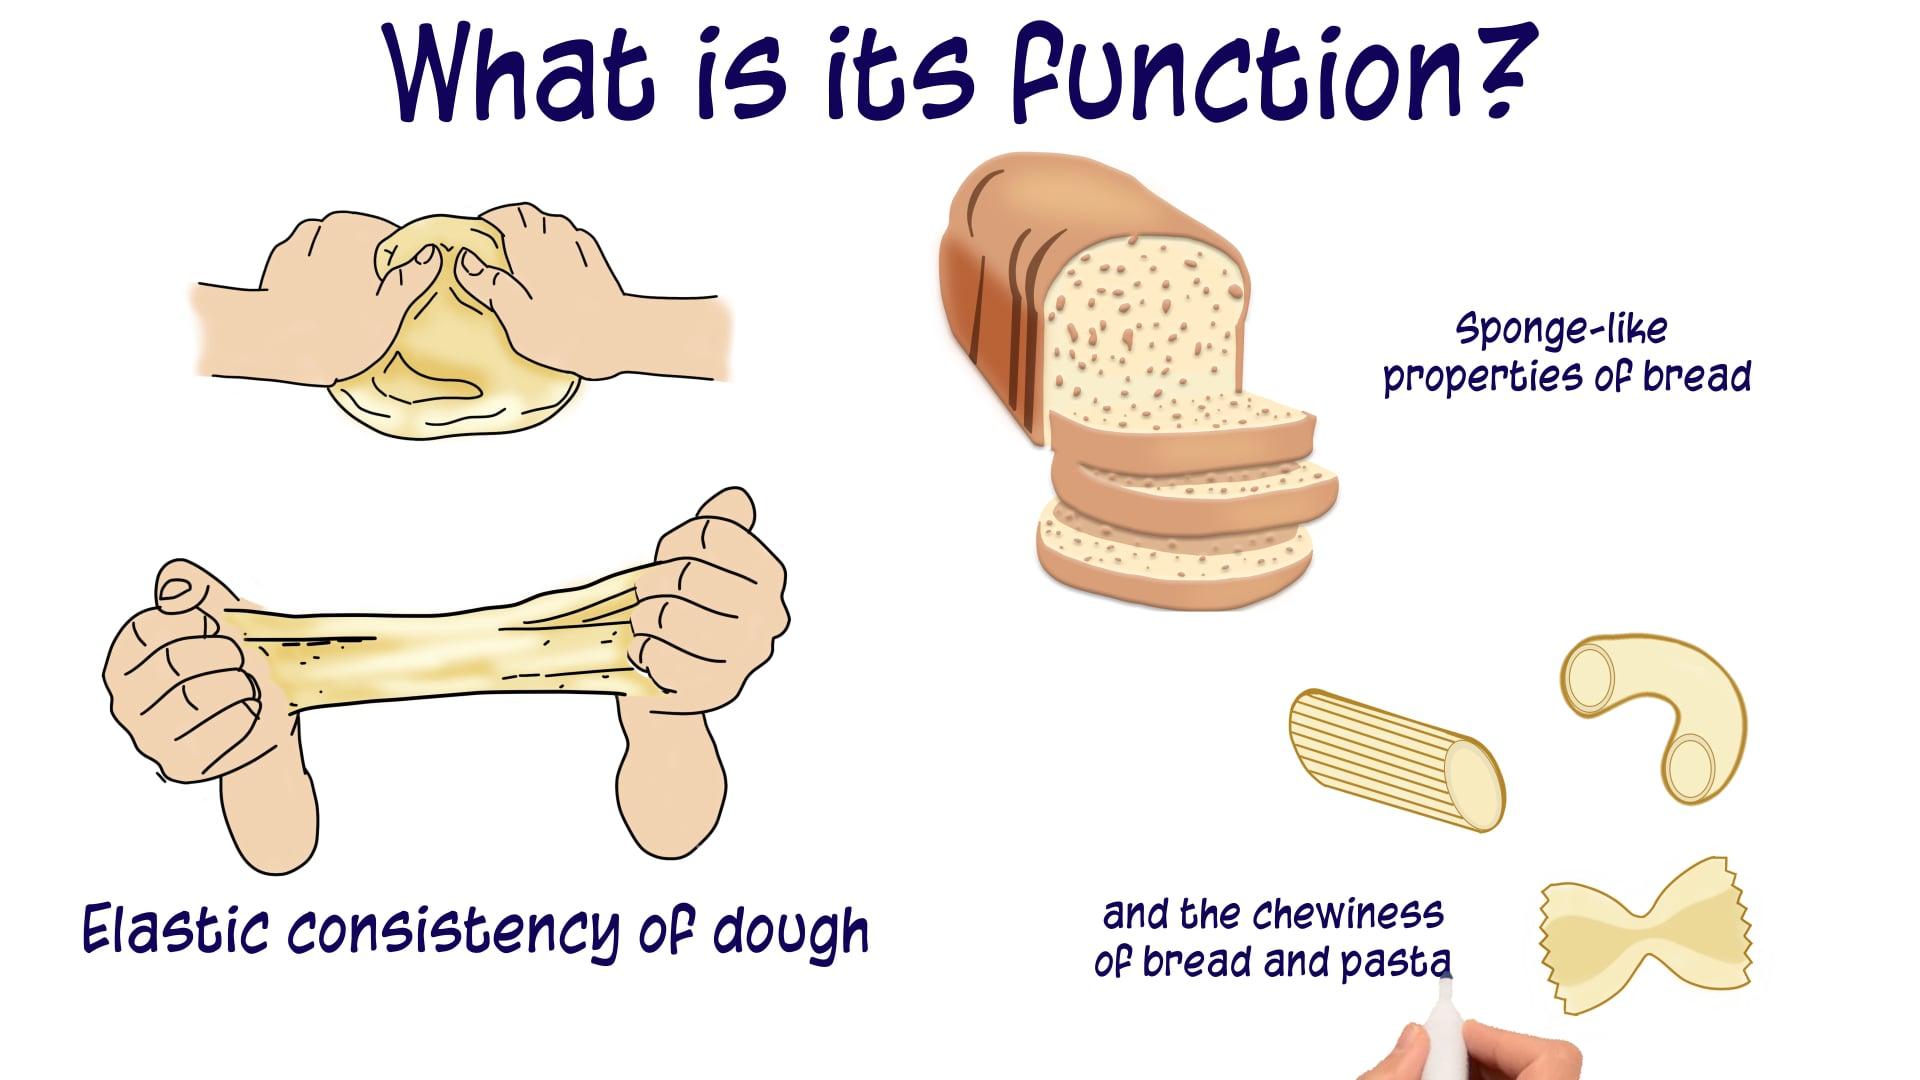 Gluten: is it as bad as it sounds?